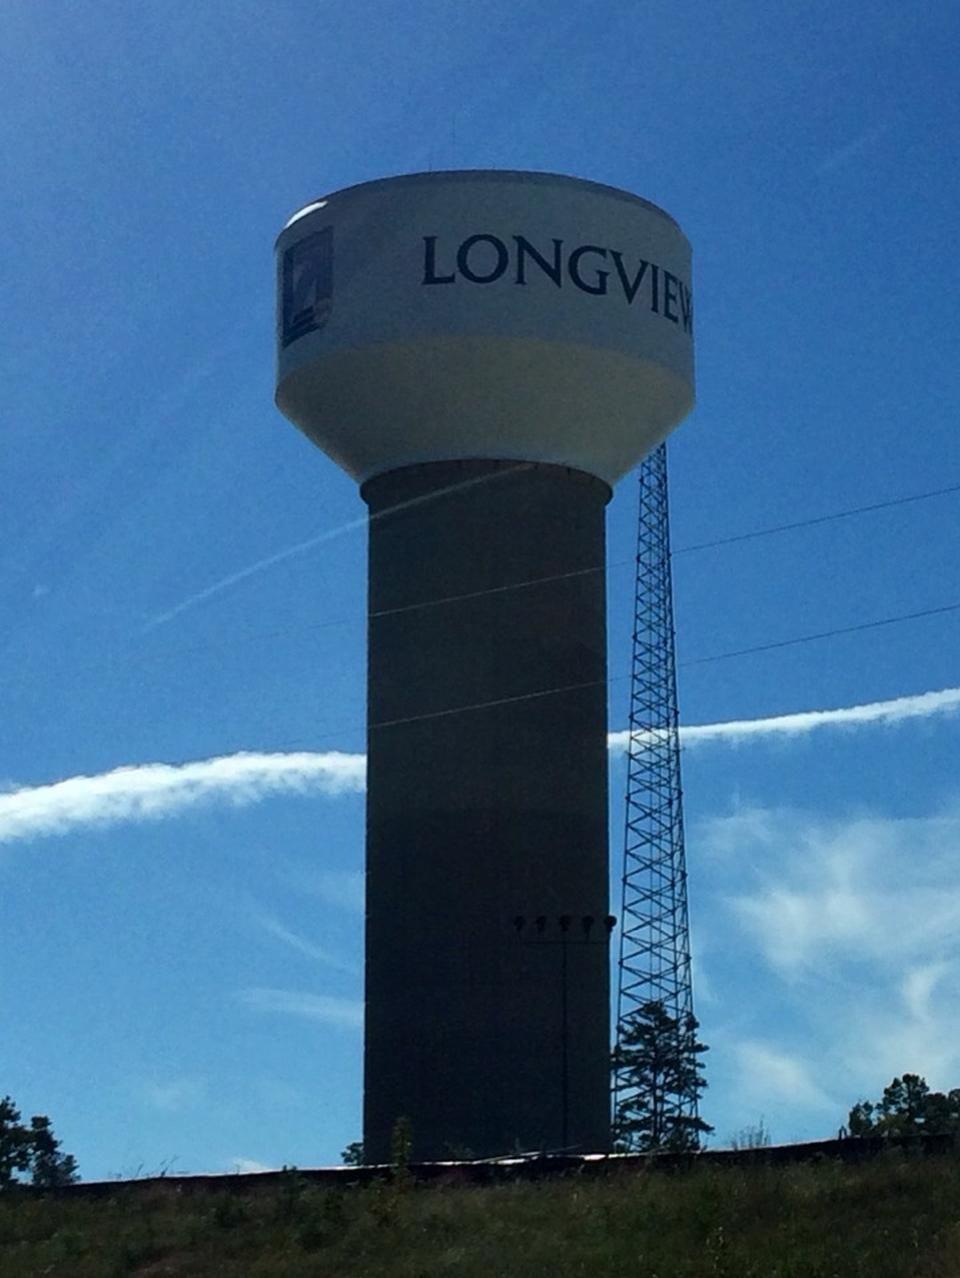 Longview, TX - Texas